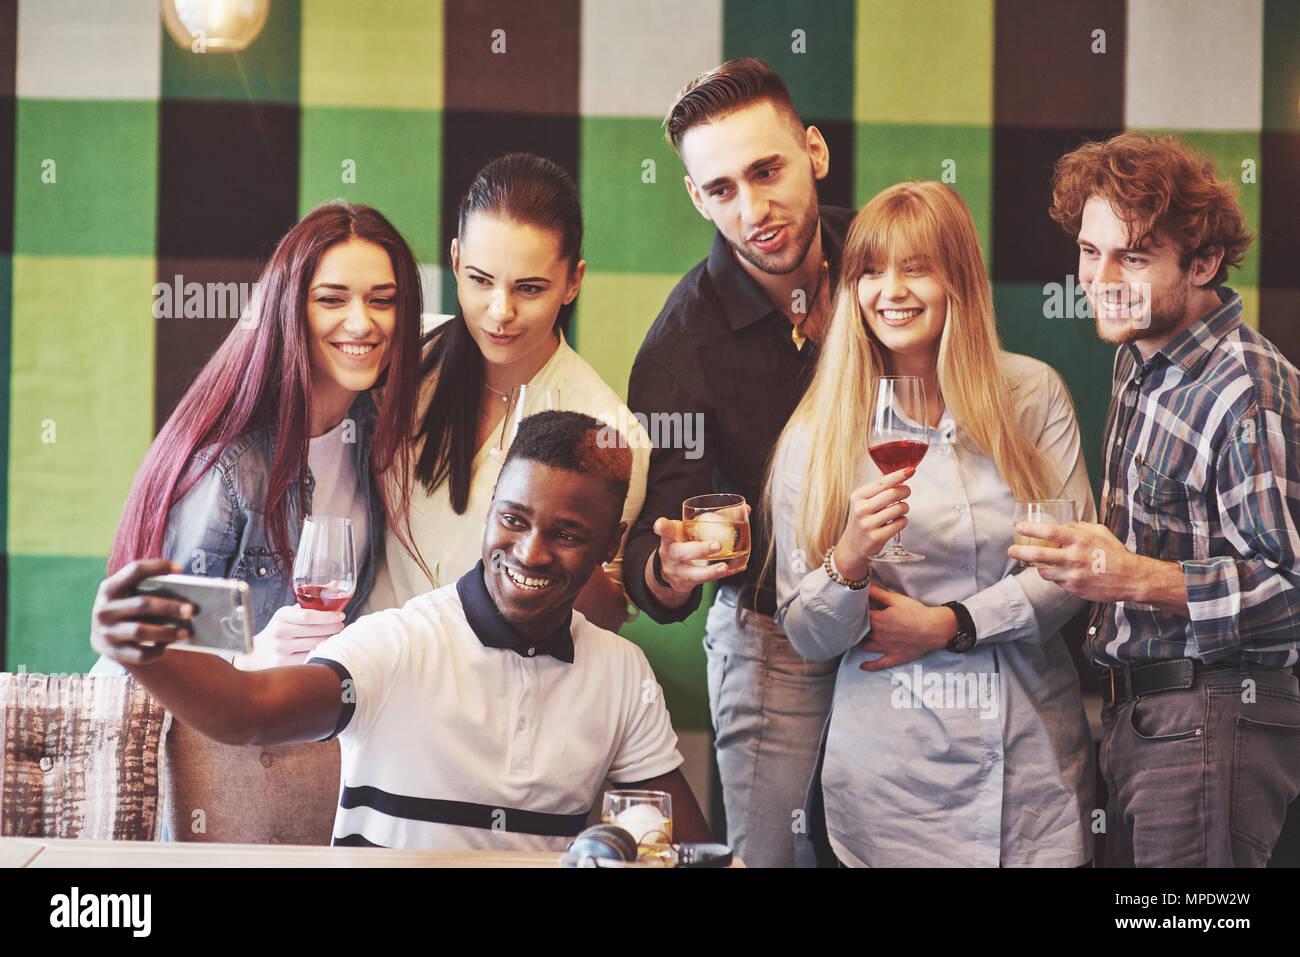 Freunde Spaß an Restaurant. Zwei Jungen und vier Mädchen trinken selfie machen, Frieden zu unterzeichnen und zu lachen. Im Vordergrund Frau mit Smart Phone. Alle tragen Freizeitkleidung Stockbild